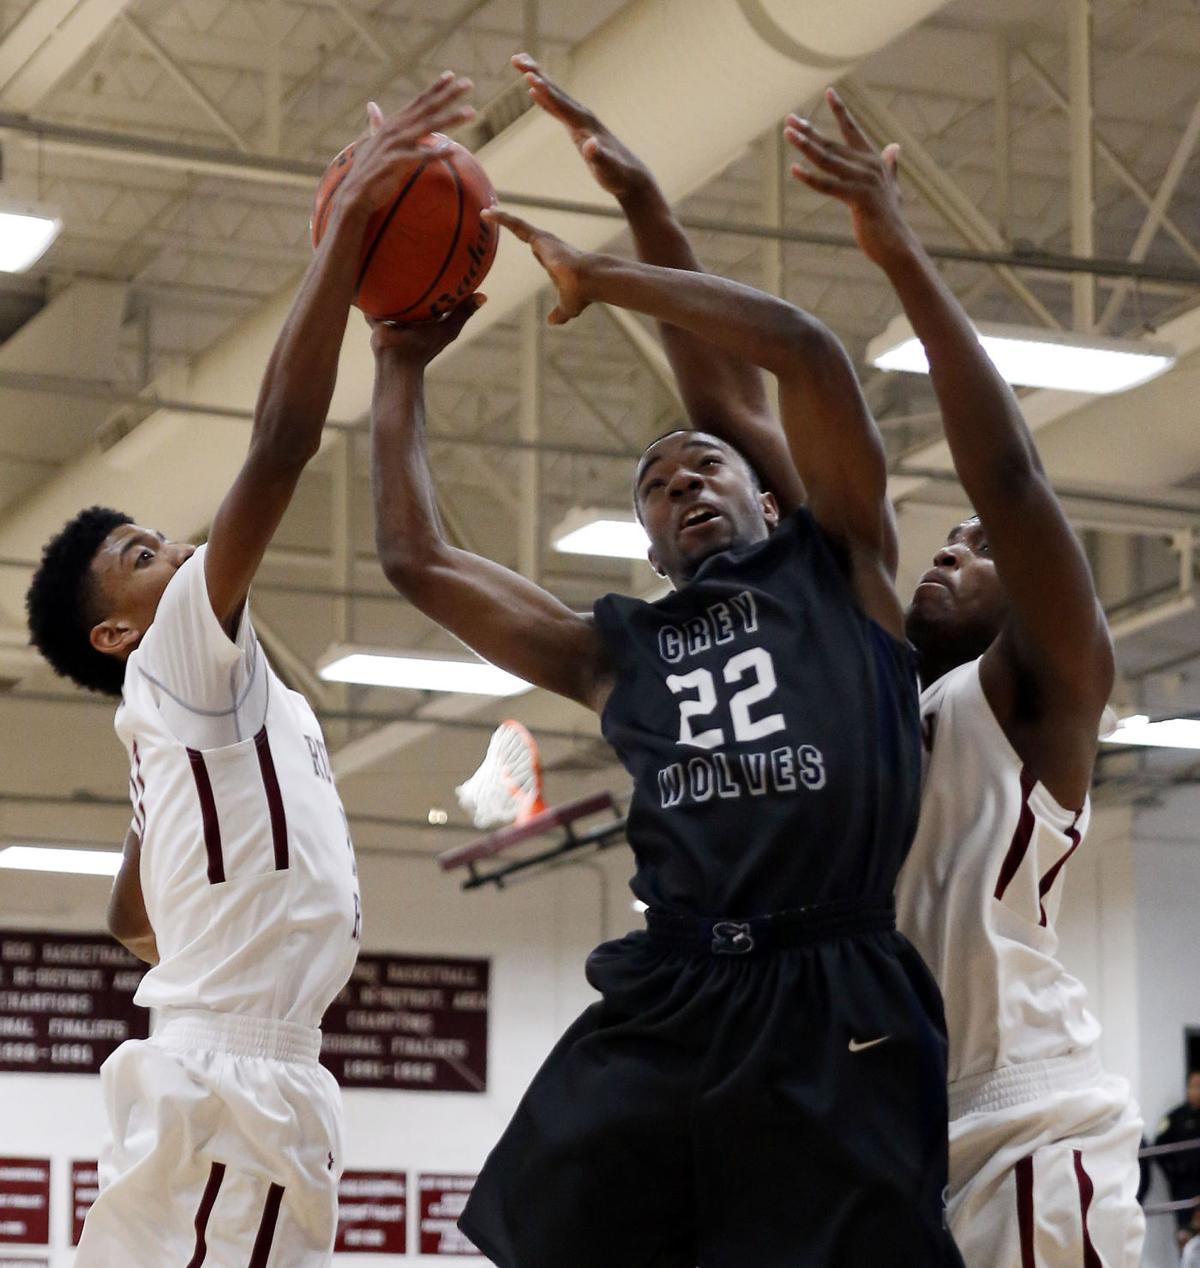 Shoemaker vs Killeen Boys Basketball